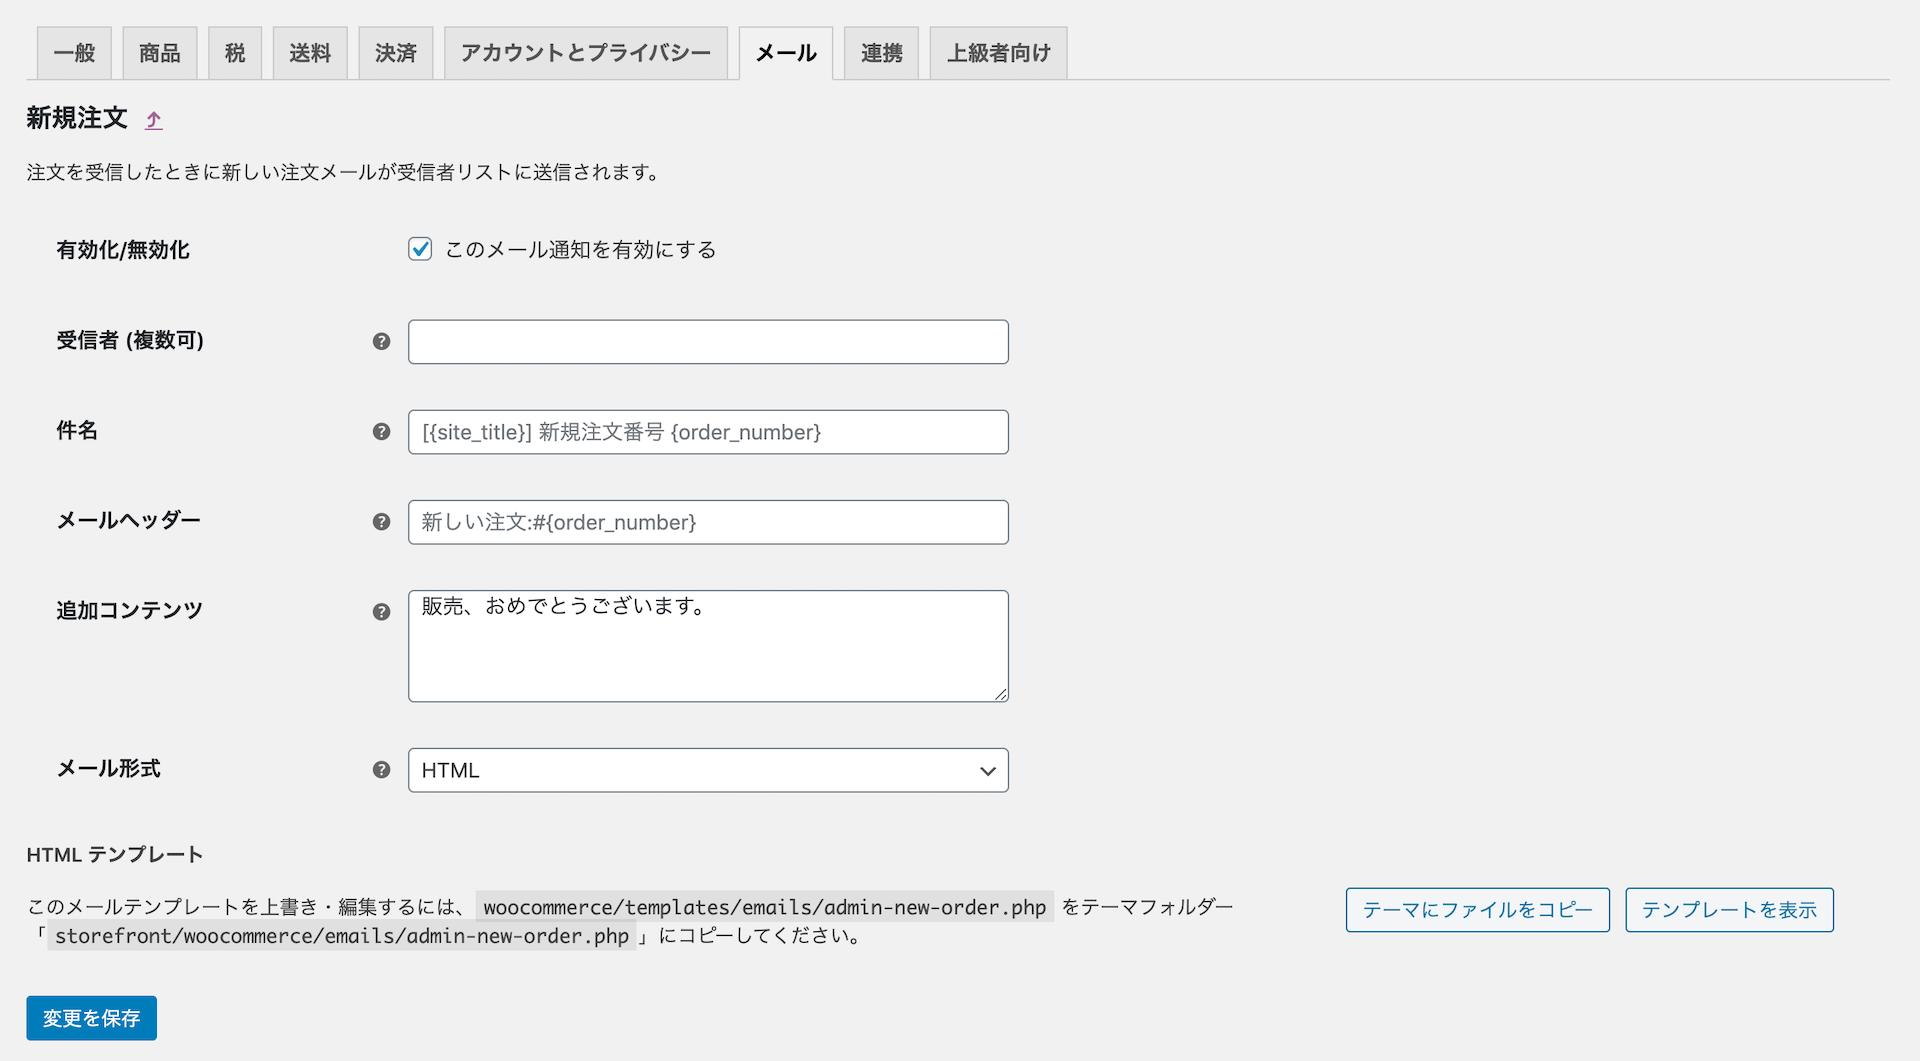 WooCommerce メール設定 各メールの管理